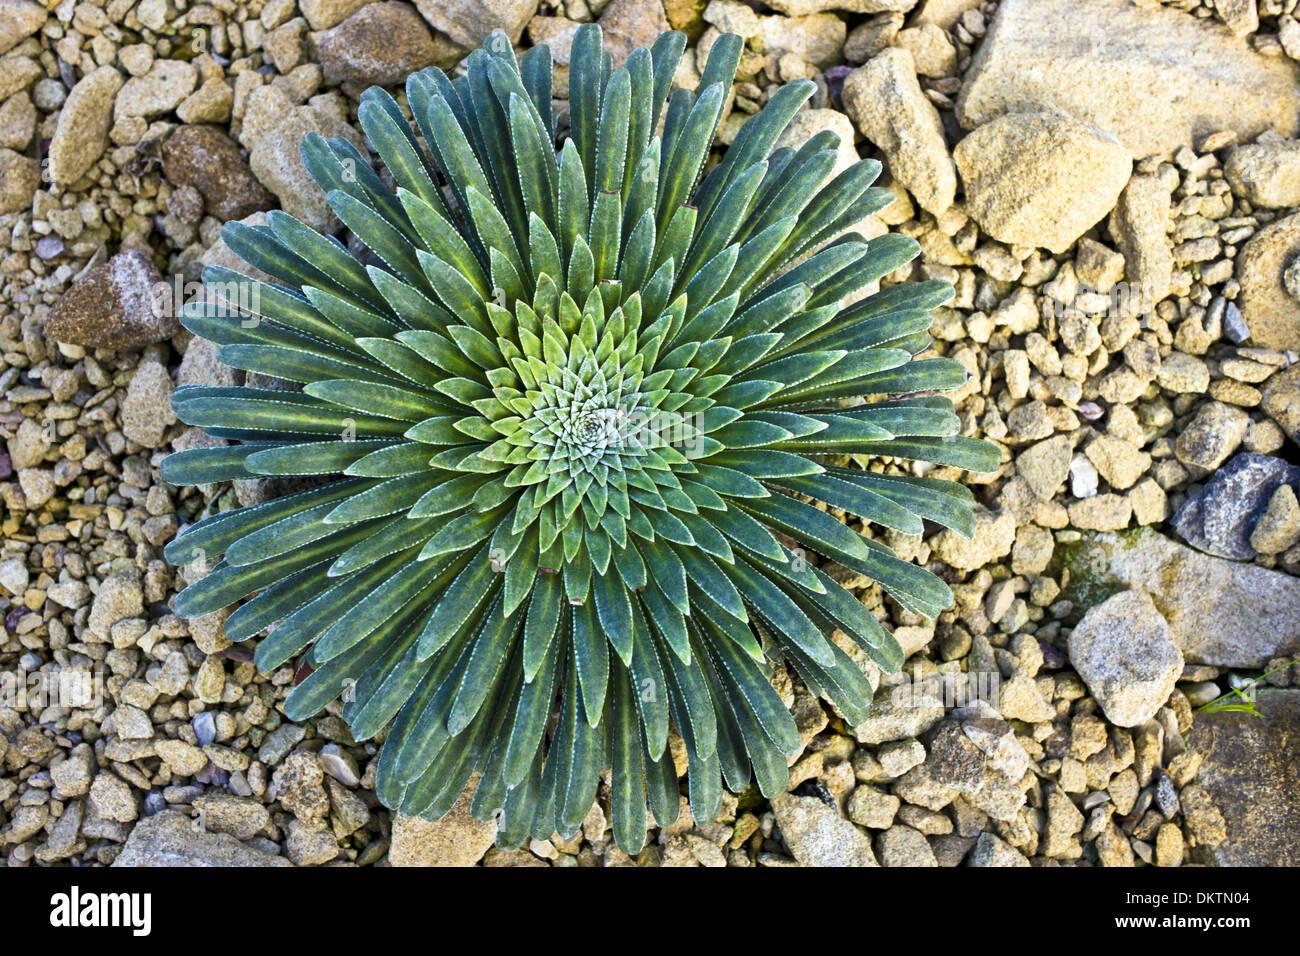 Bassa crescita di piante succulente. Immagini Stock